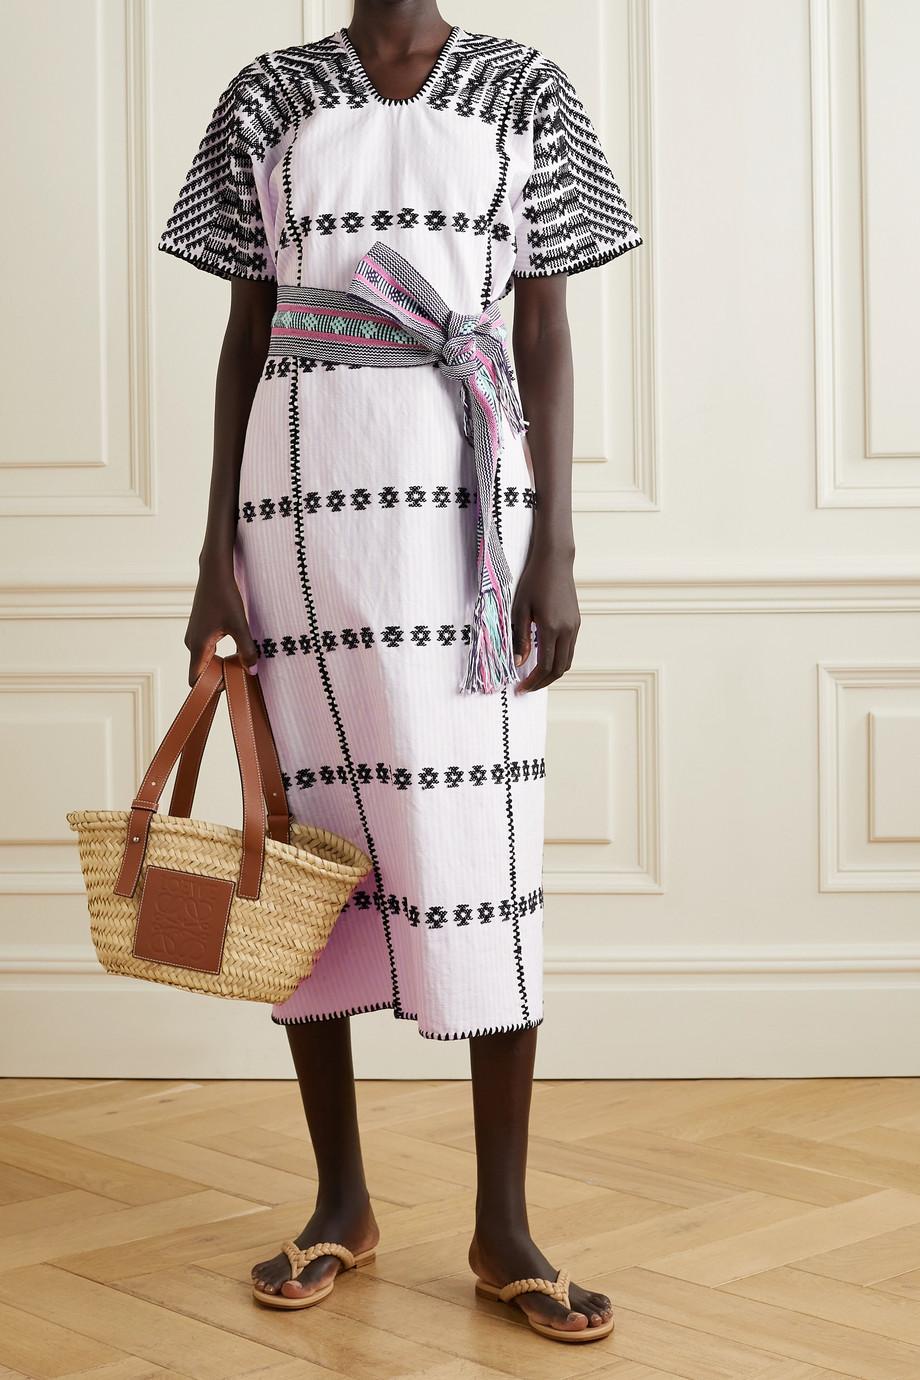 Pippa Holt + NET SUSTAIN Huipil-Kleid aus gestreifter Baumwolle mit Stickereien